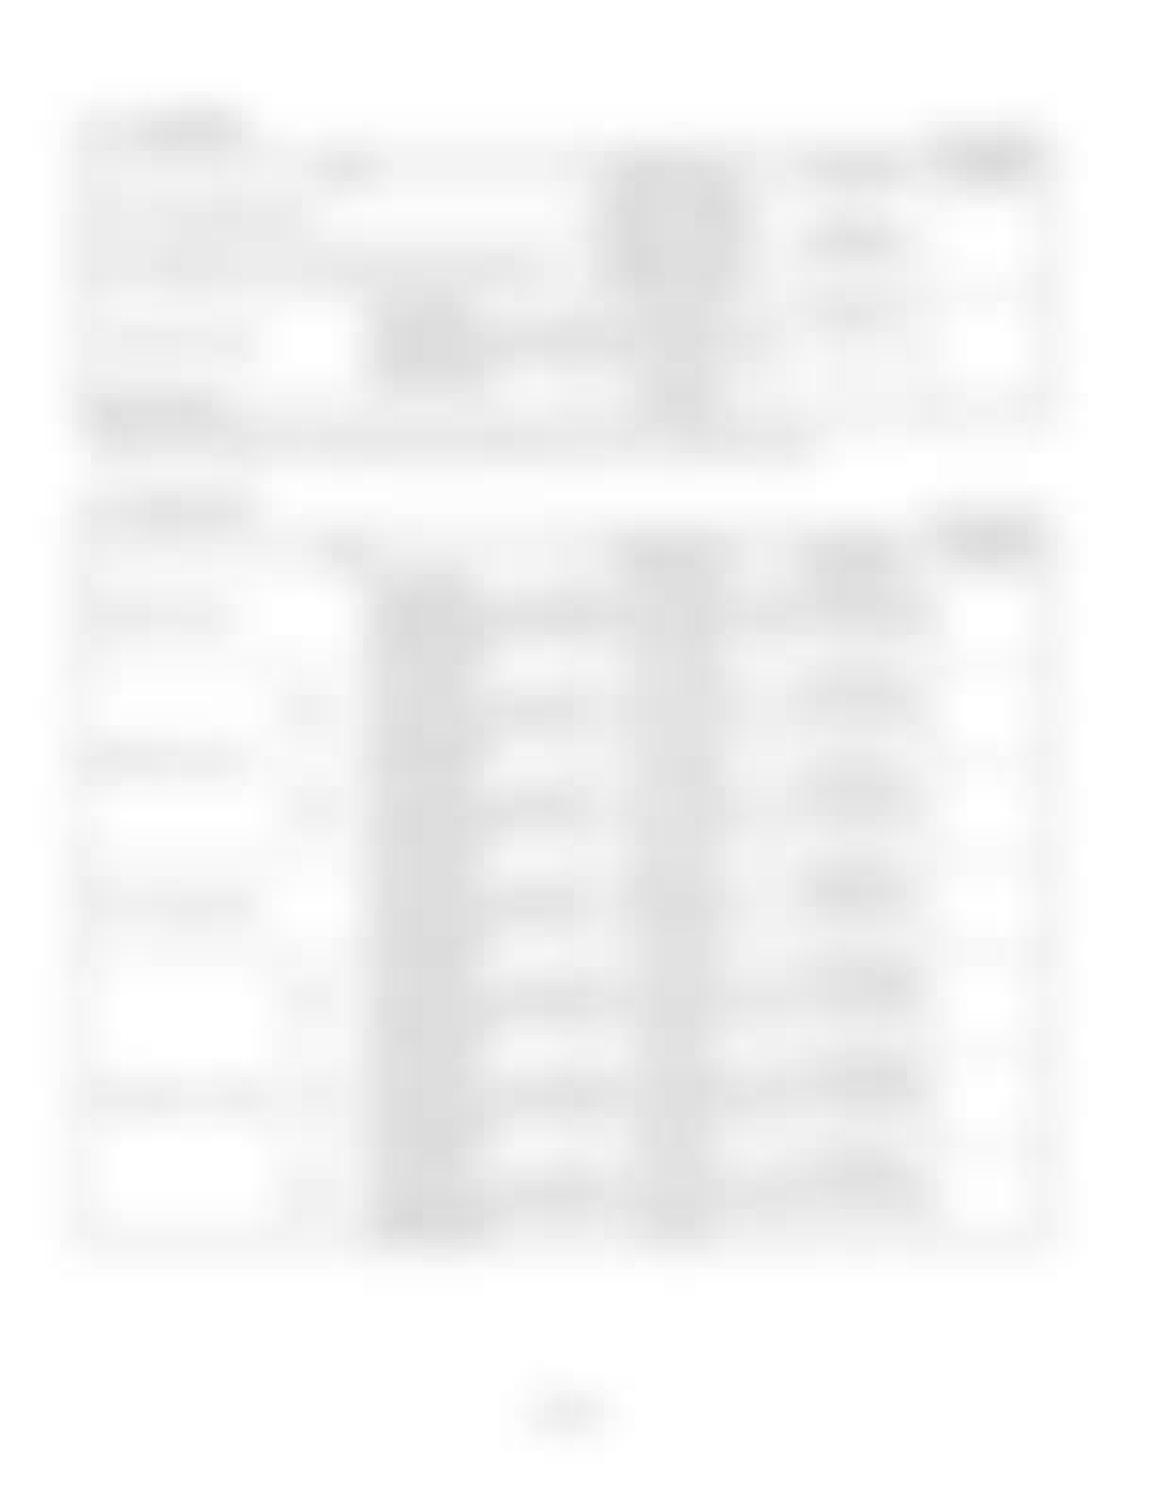 Hitachi LX110-7 LX130-7 LX160-7 LX190-7 LX230-7 Wheel Loader Workshop Manual - PDF DOWNLOAD page 152